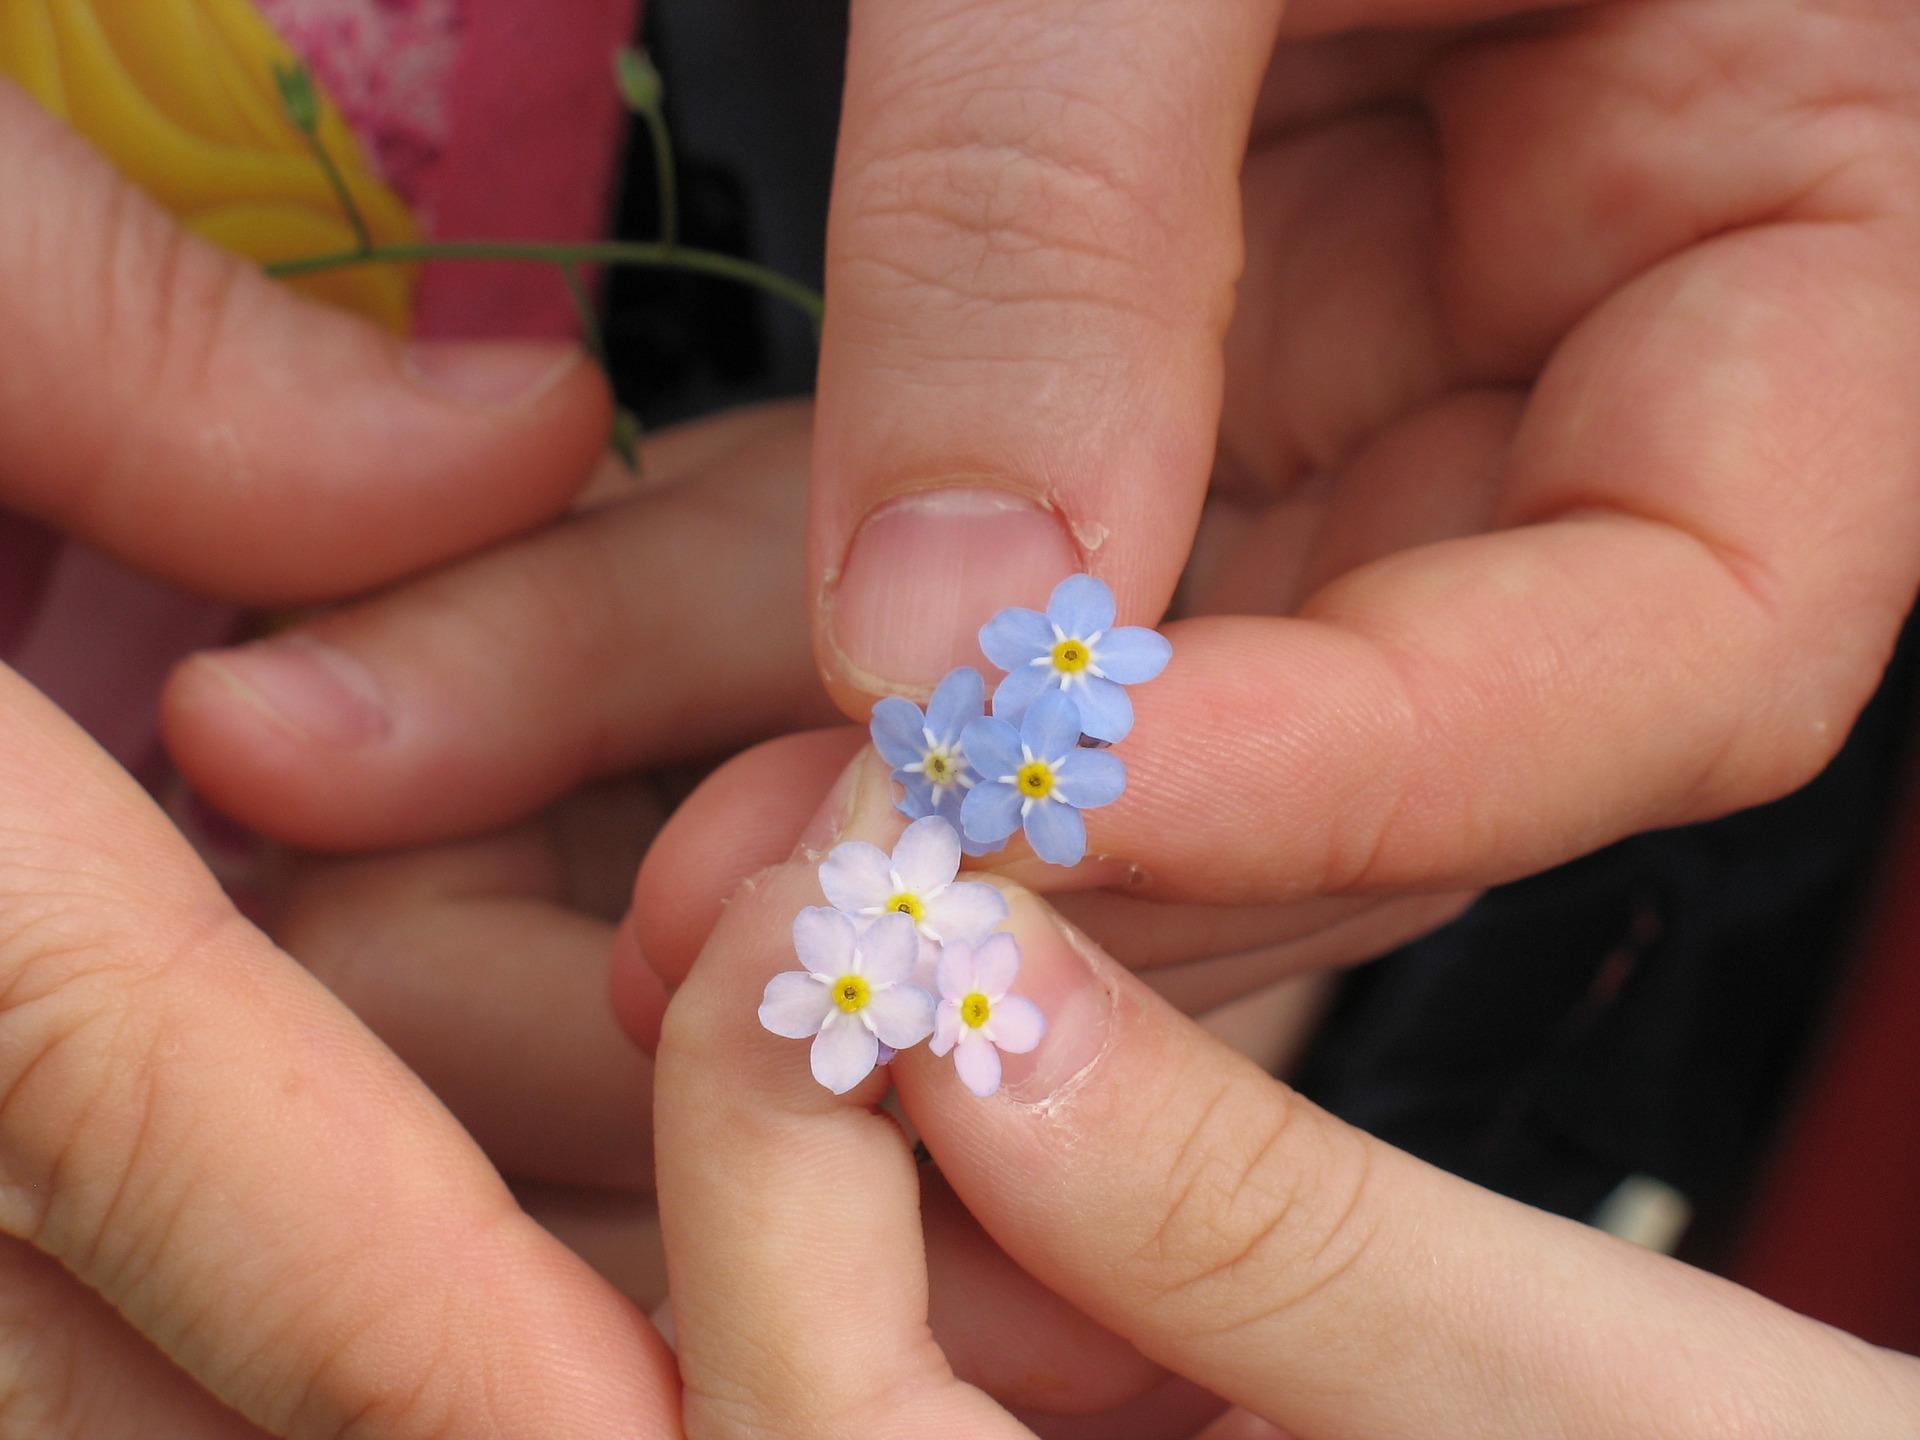 勿忘草の花言葉とは?英語の意味・由来やドイツに伝わる伝説についても紹介!